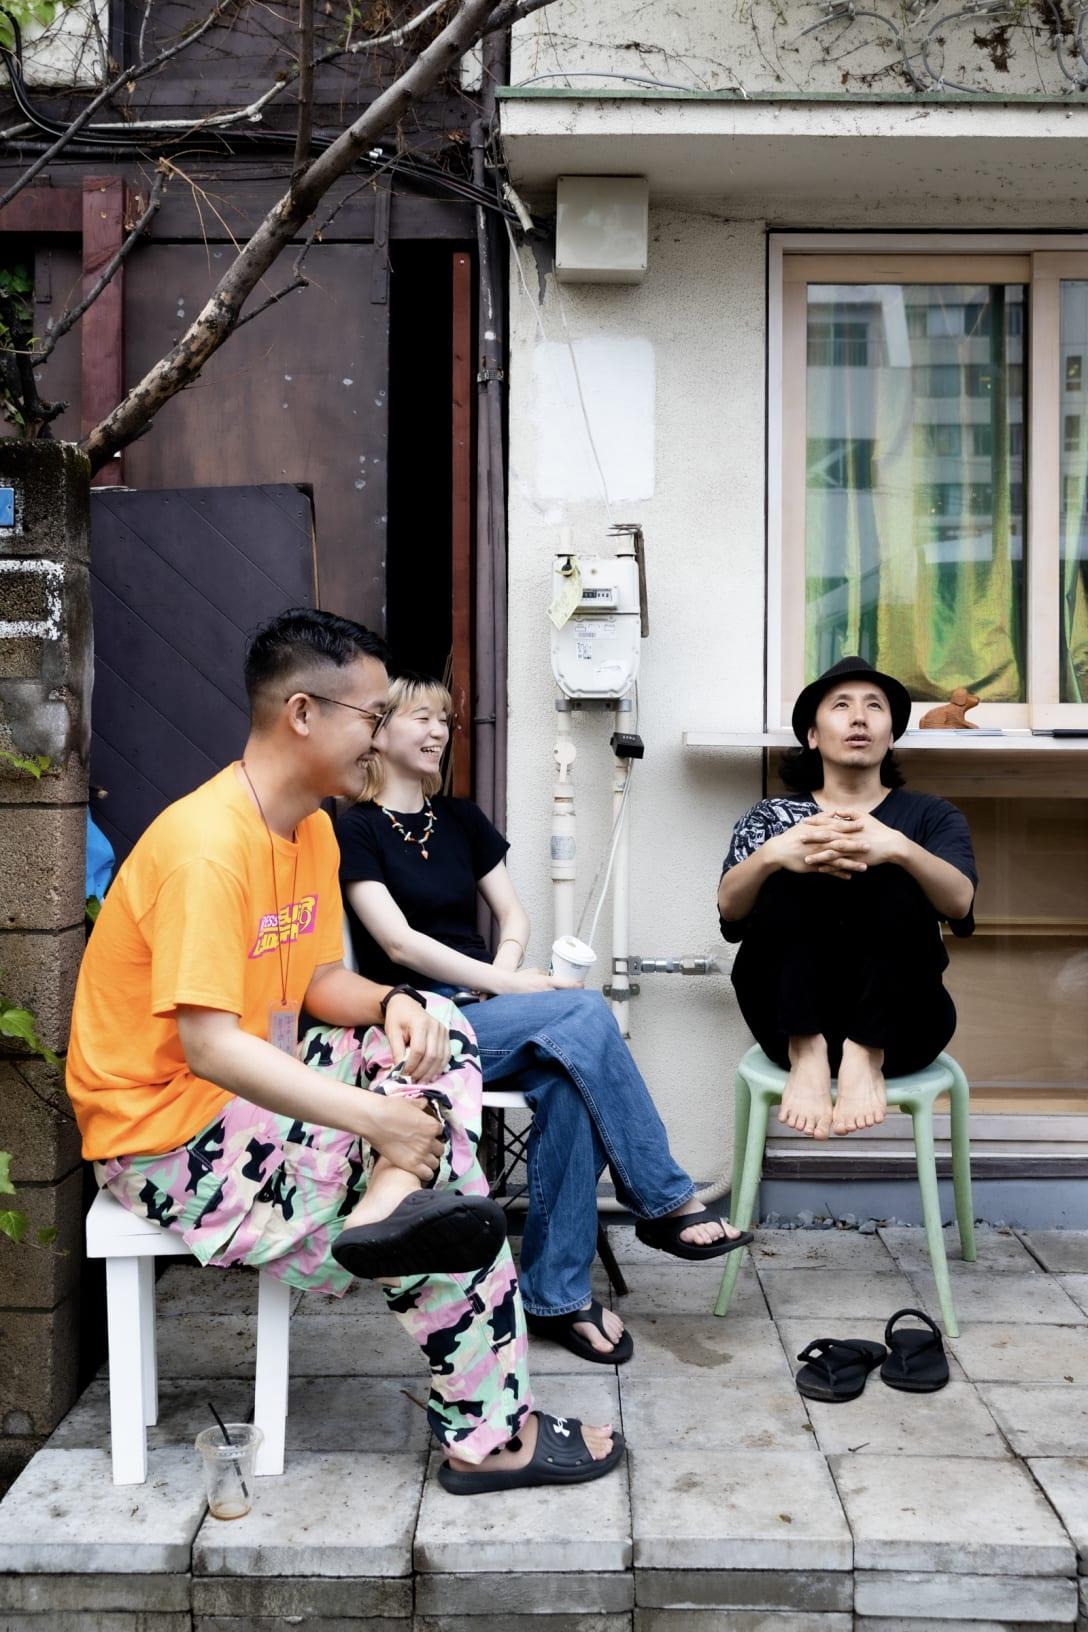 左から涌井智仁、中村奈央、卯城竜太 Image by FASHIONSNAP